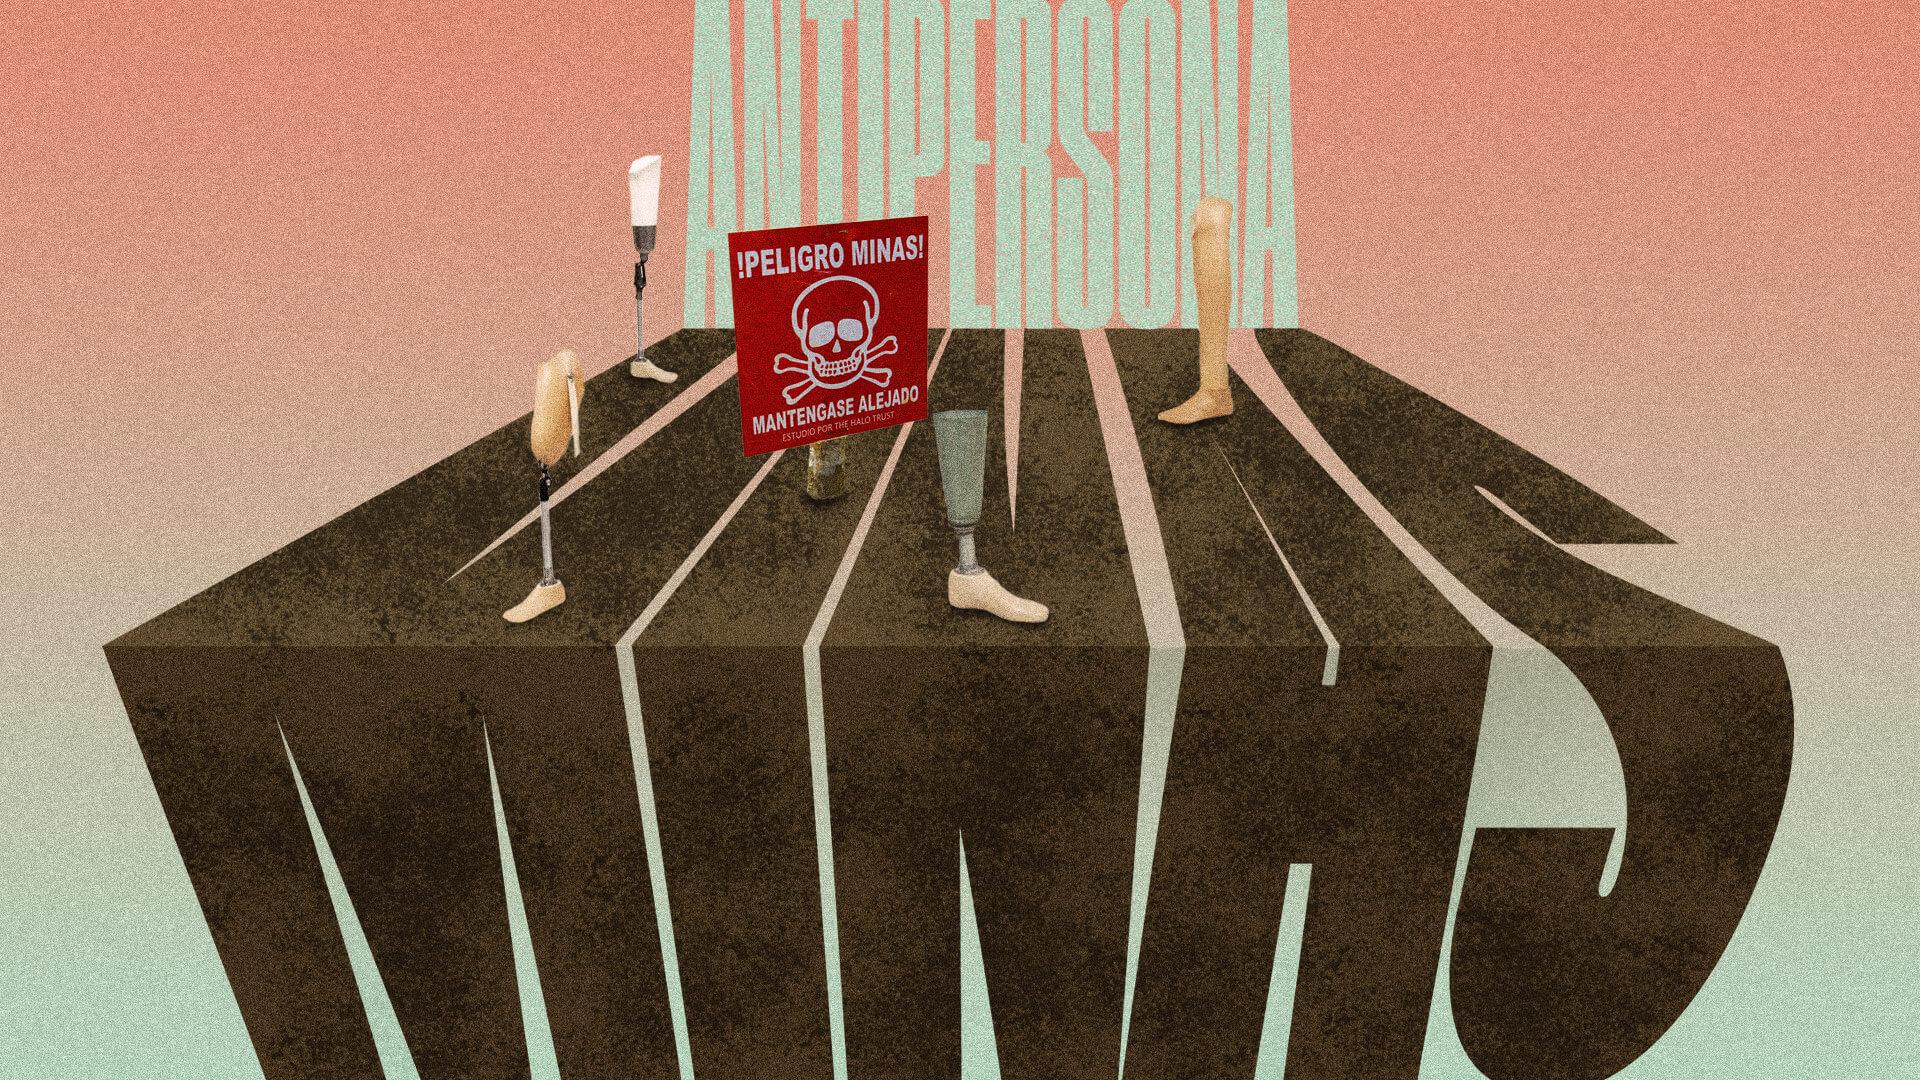 Minas antipersona, otro peligro invisible en medio de la pandemia